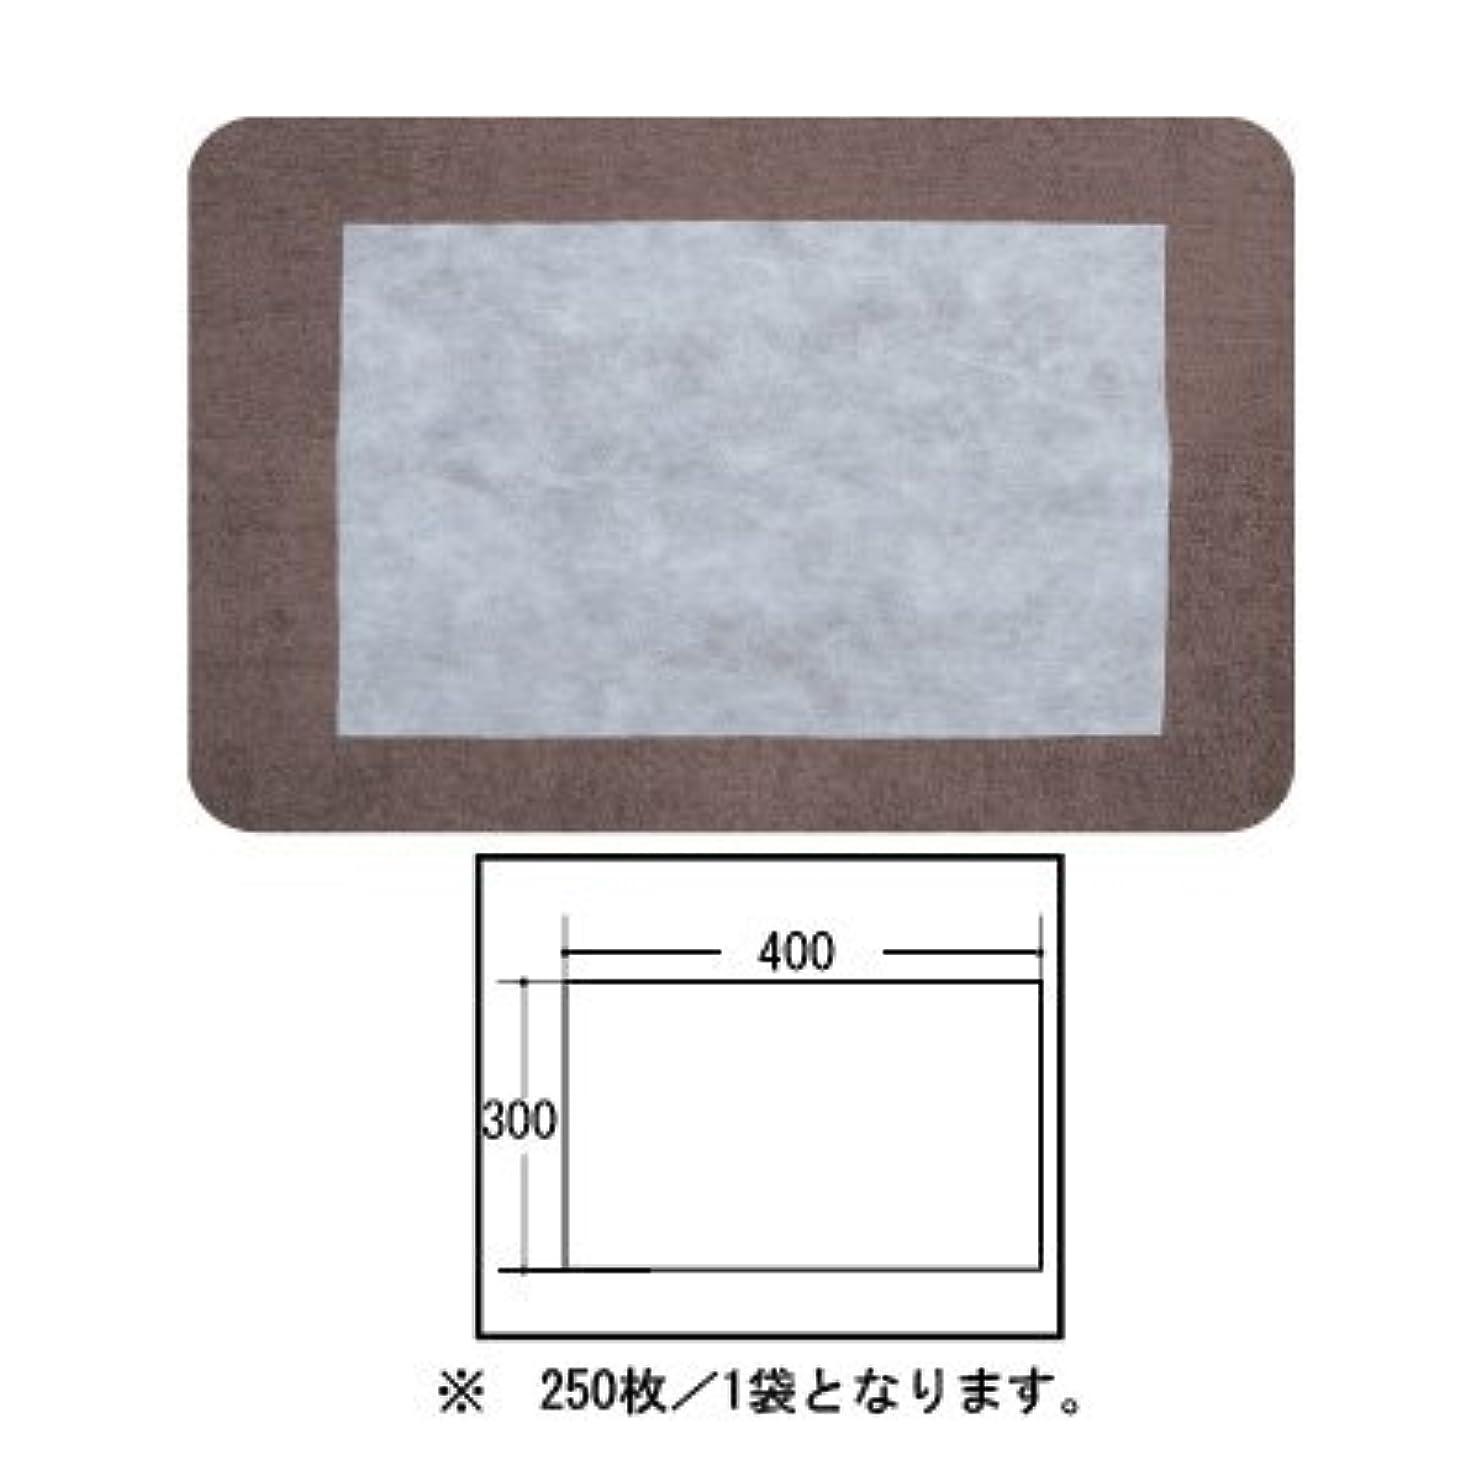 廊下自然公園ベンチ(ロータス)LOTUS 日本製 ピロカバー カット無し 250枚入 業務用 マルチな不織布カバー